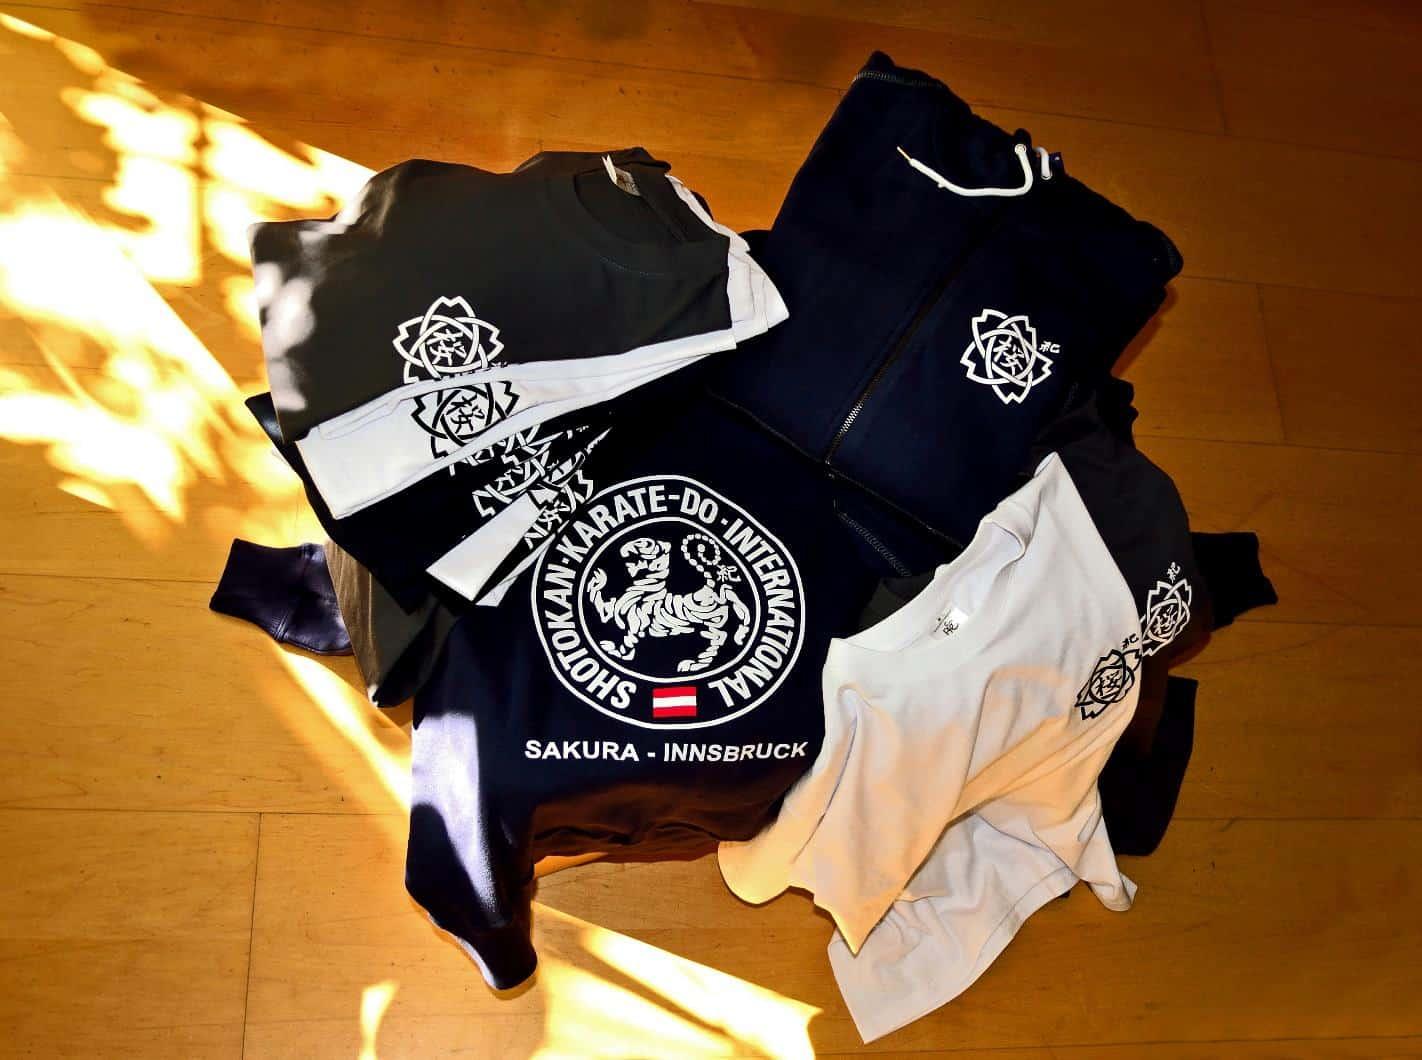 Vereinsjacken und T-Shirts